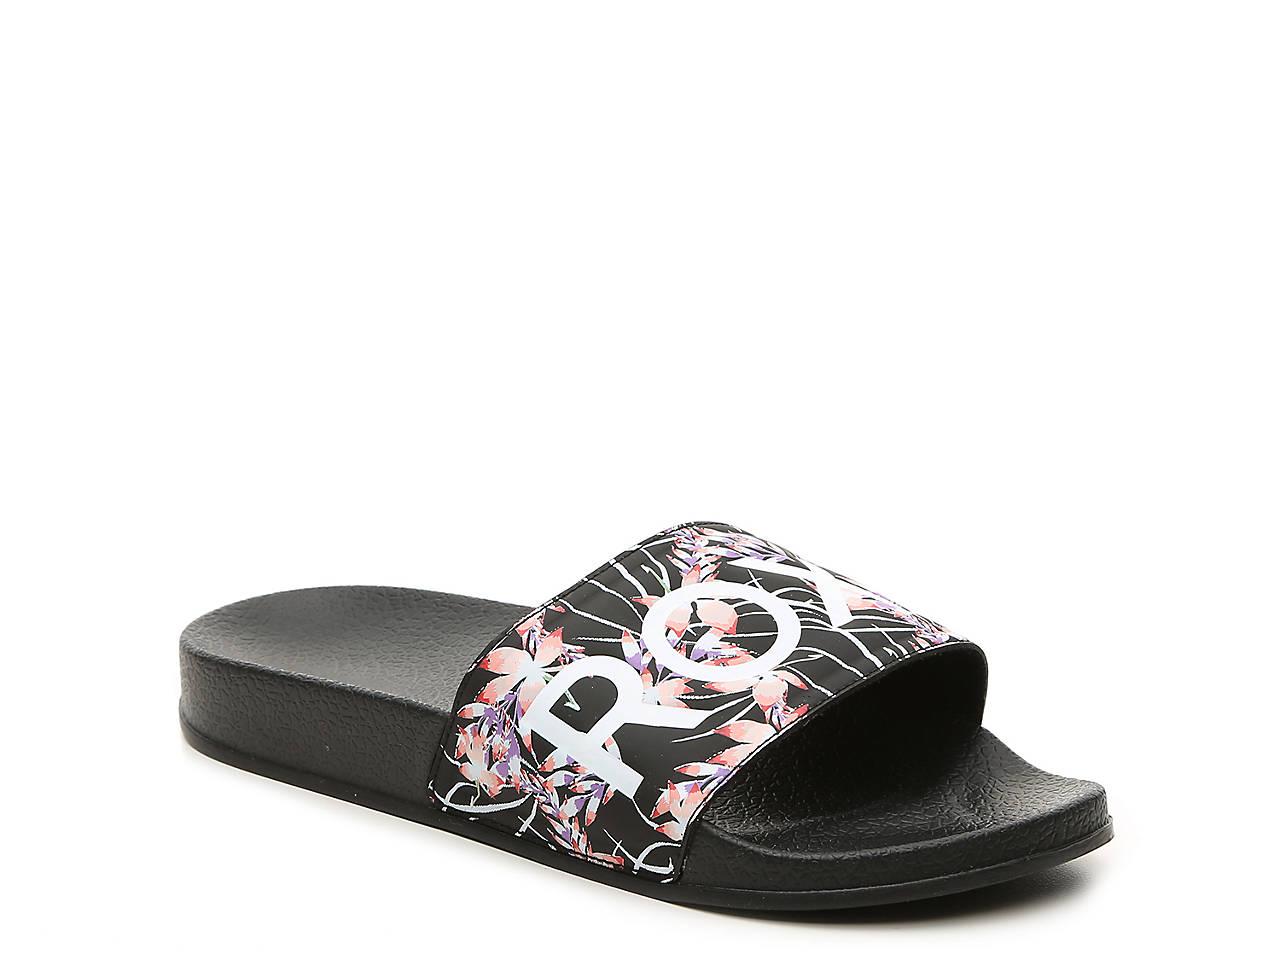 60799c876b3533 Roxy Slippy Slide Sandal Women s Shoes